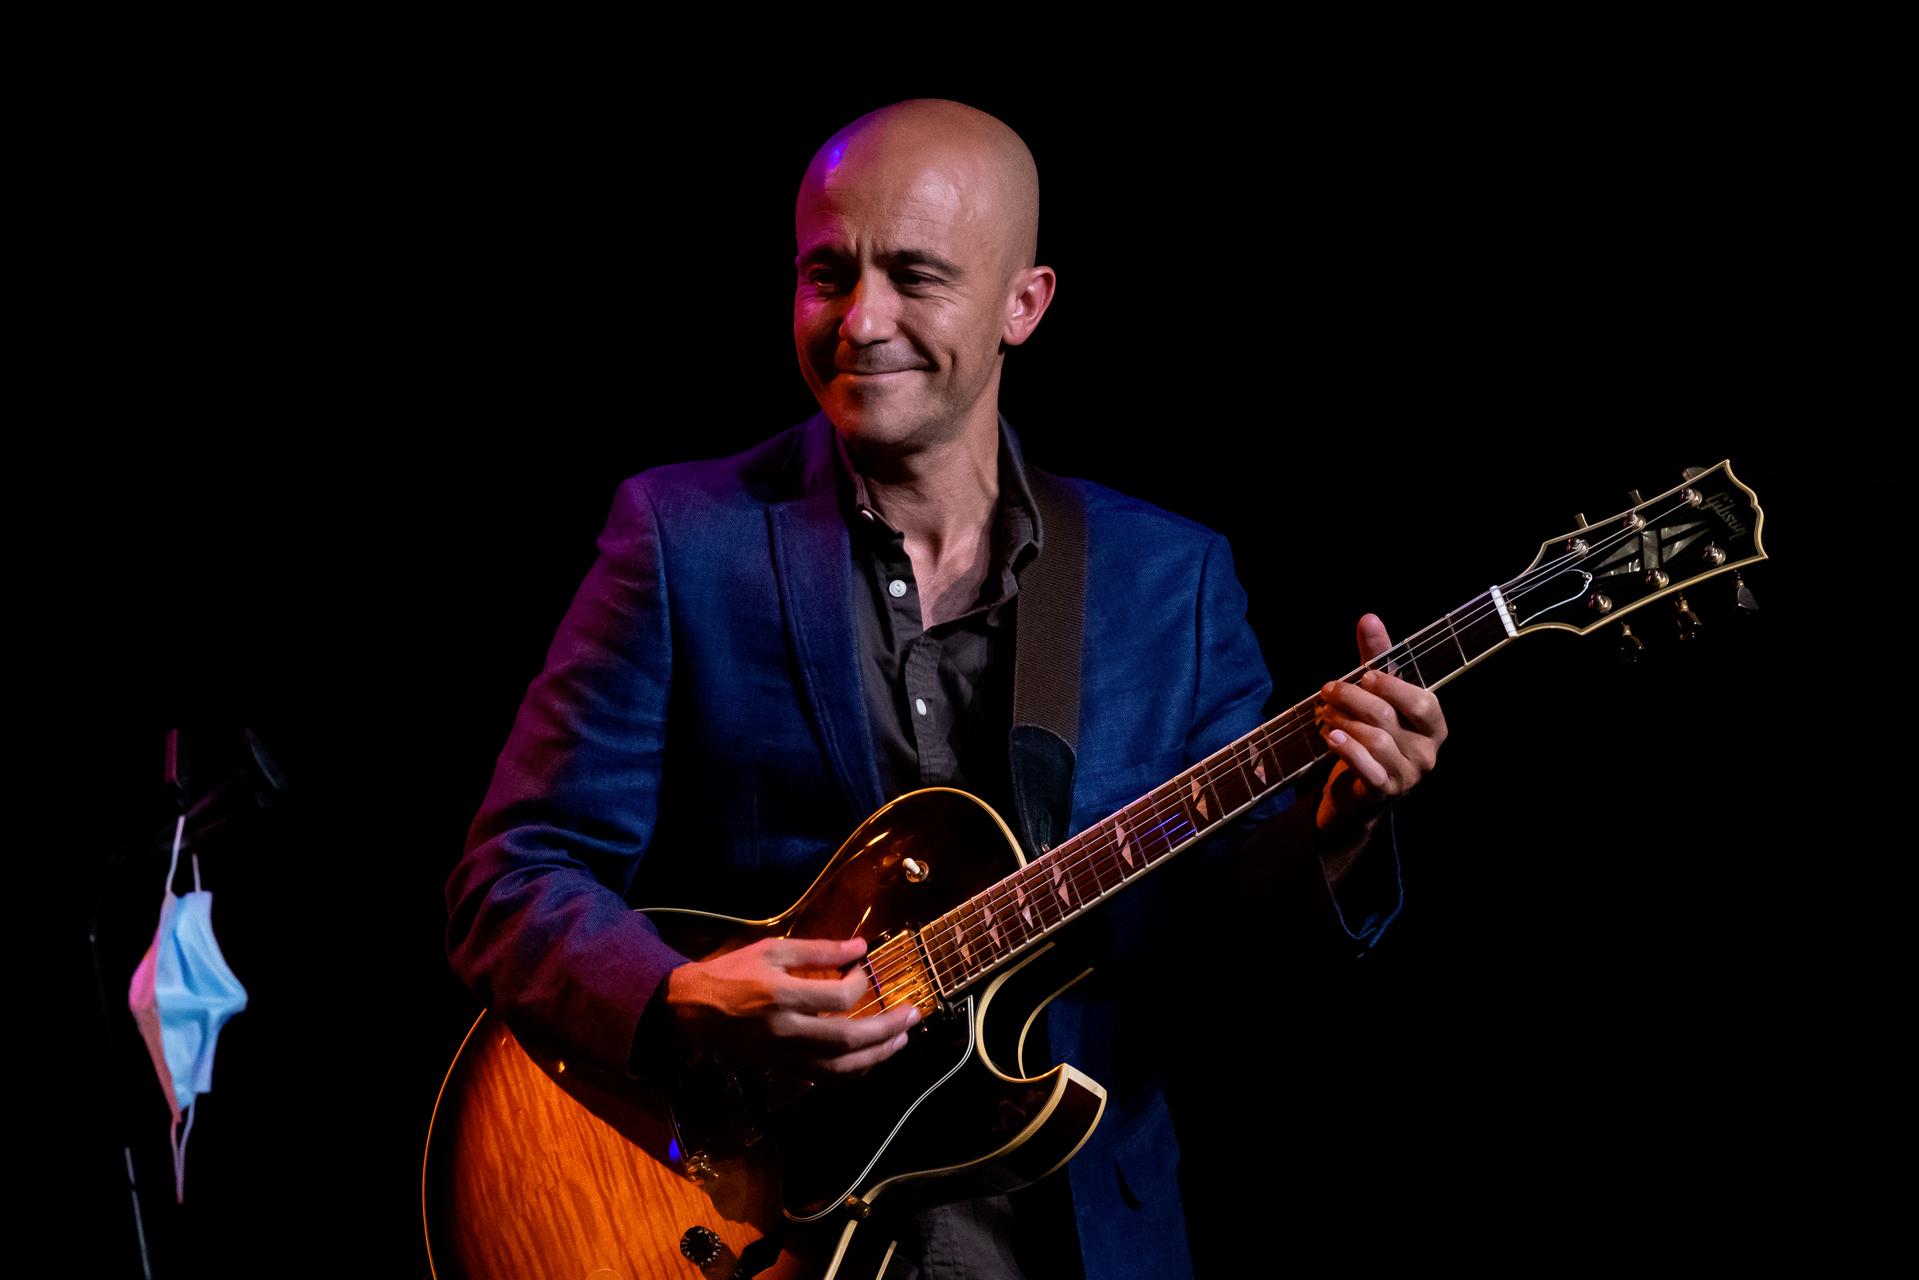 2020_09_04-James-Taylor-Quartet-©-Luca-Vantusso-210602-EOS53777